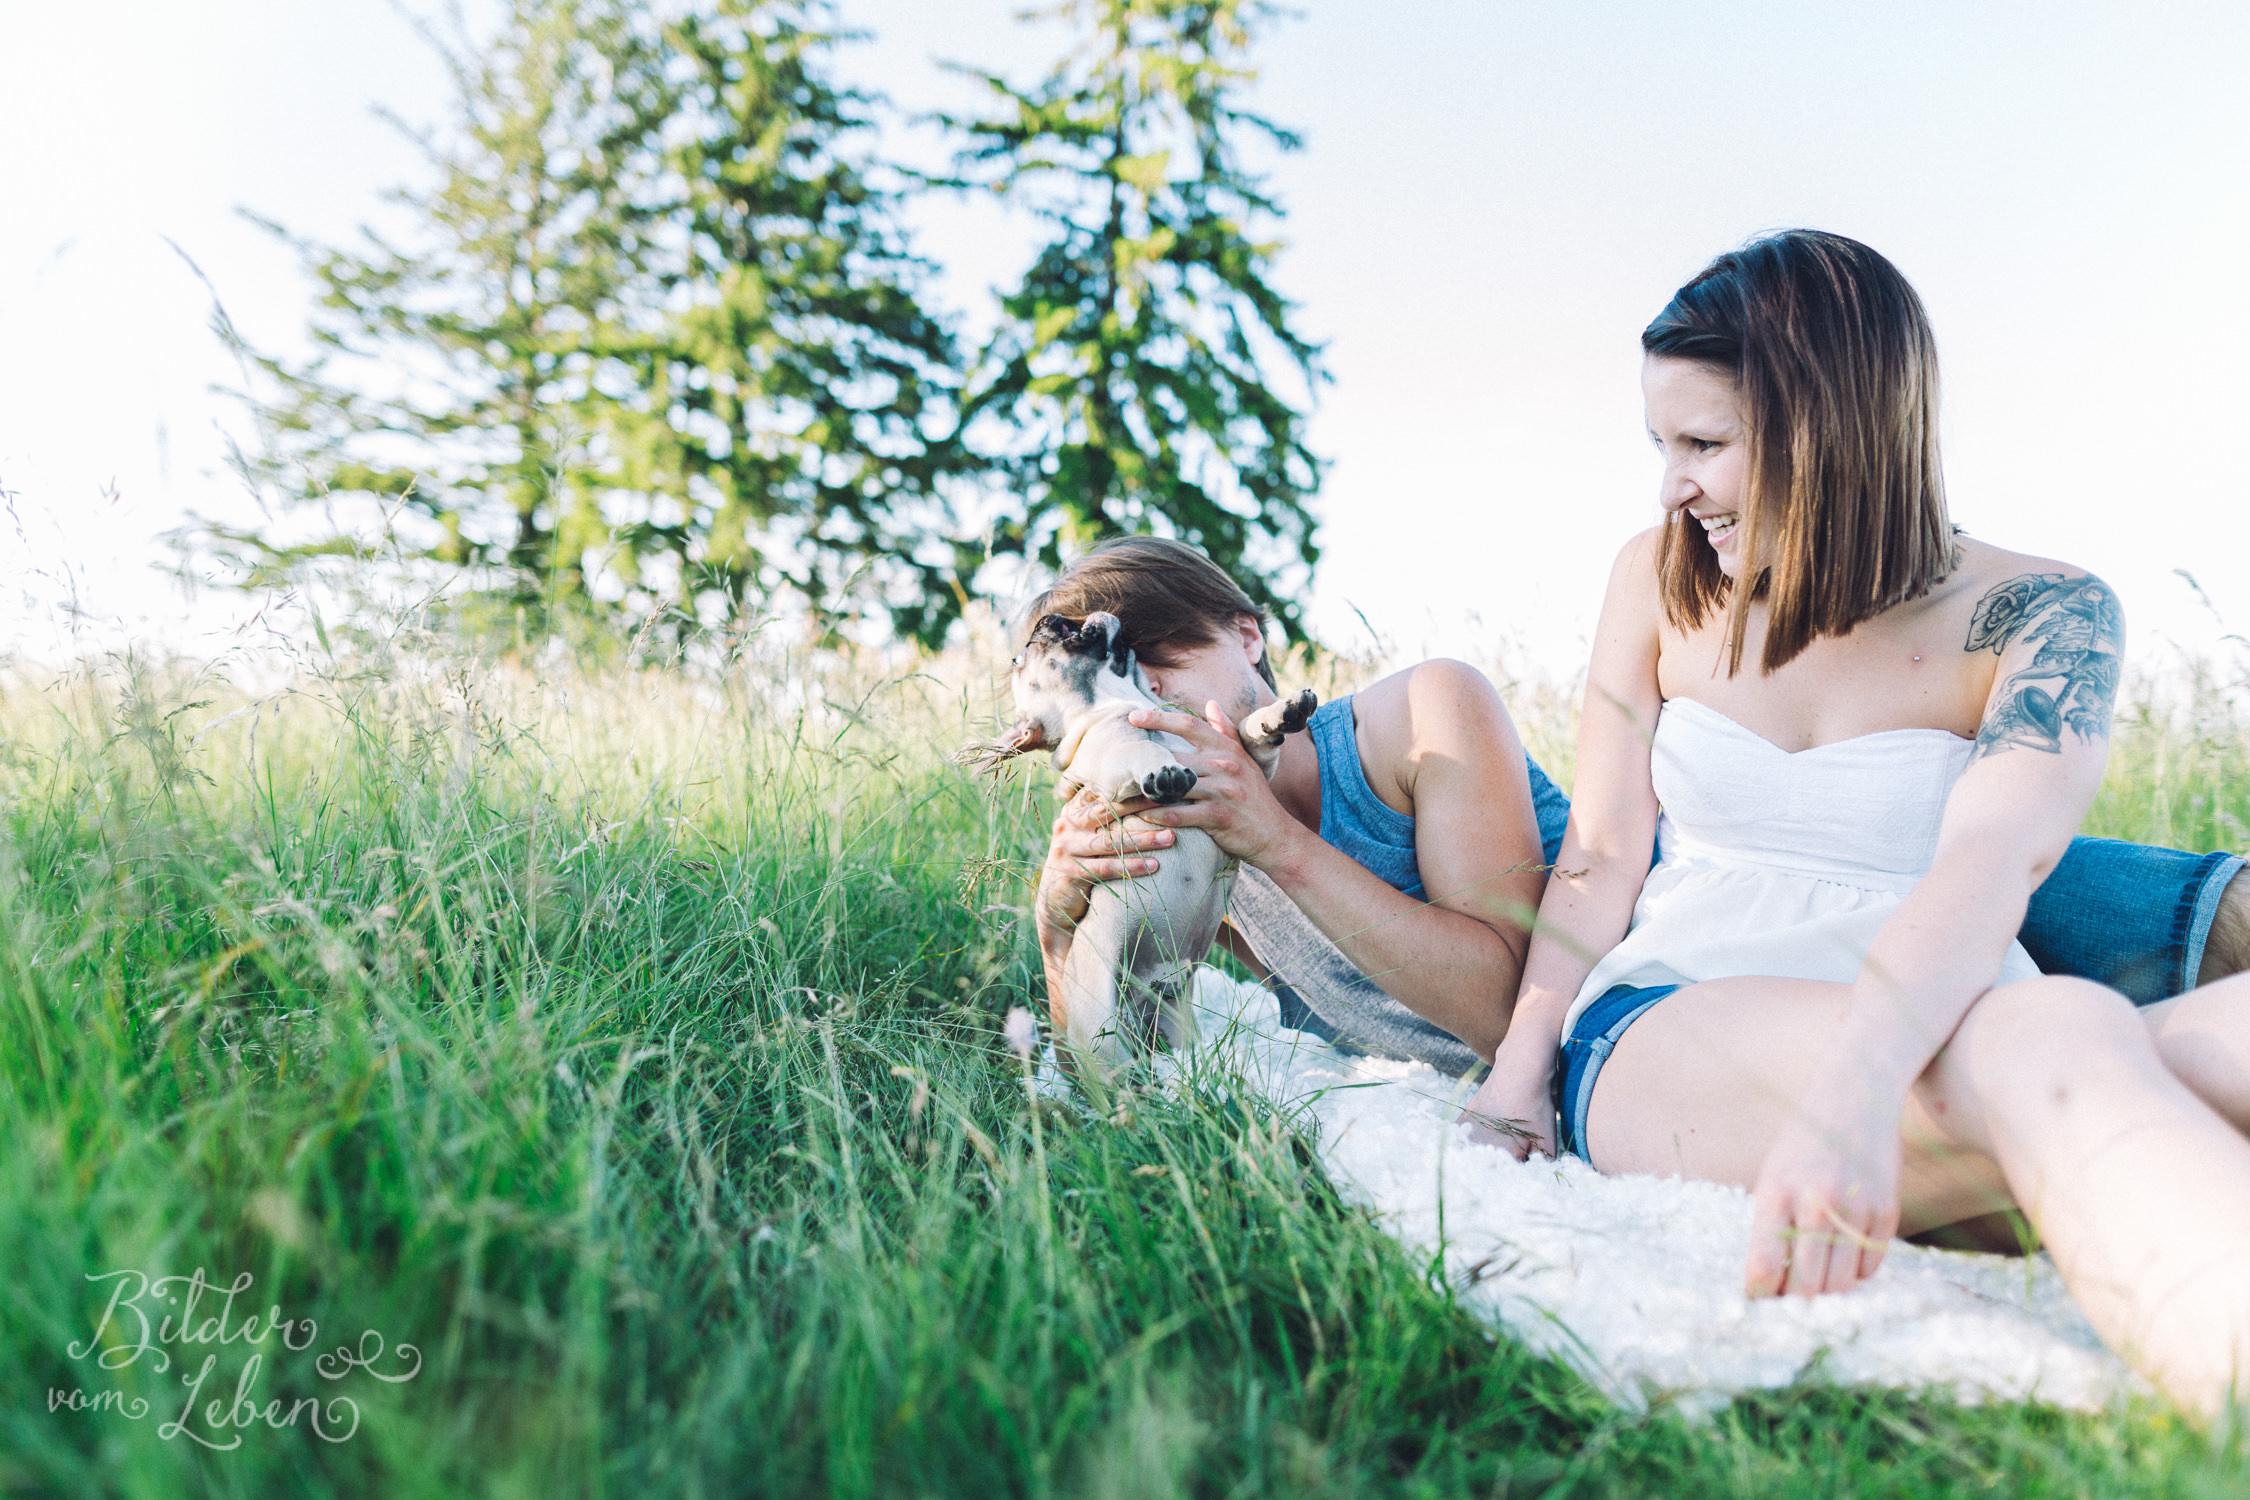 Franzoesische-Bulldogge-Portraits-BildervomLeben-2016-7436